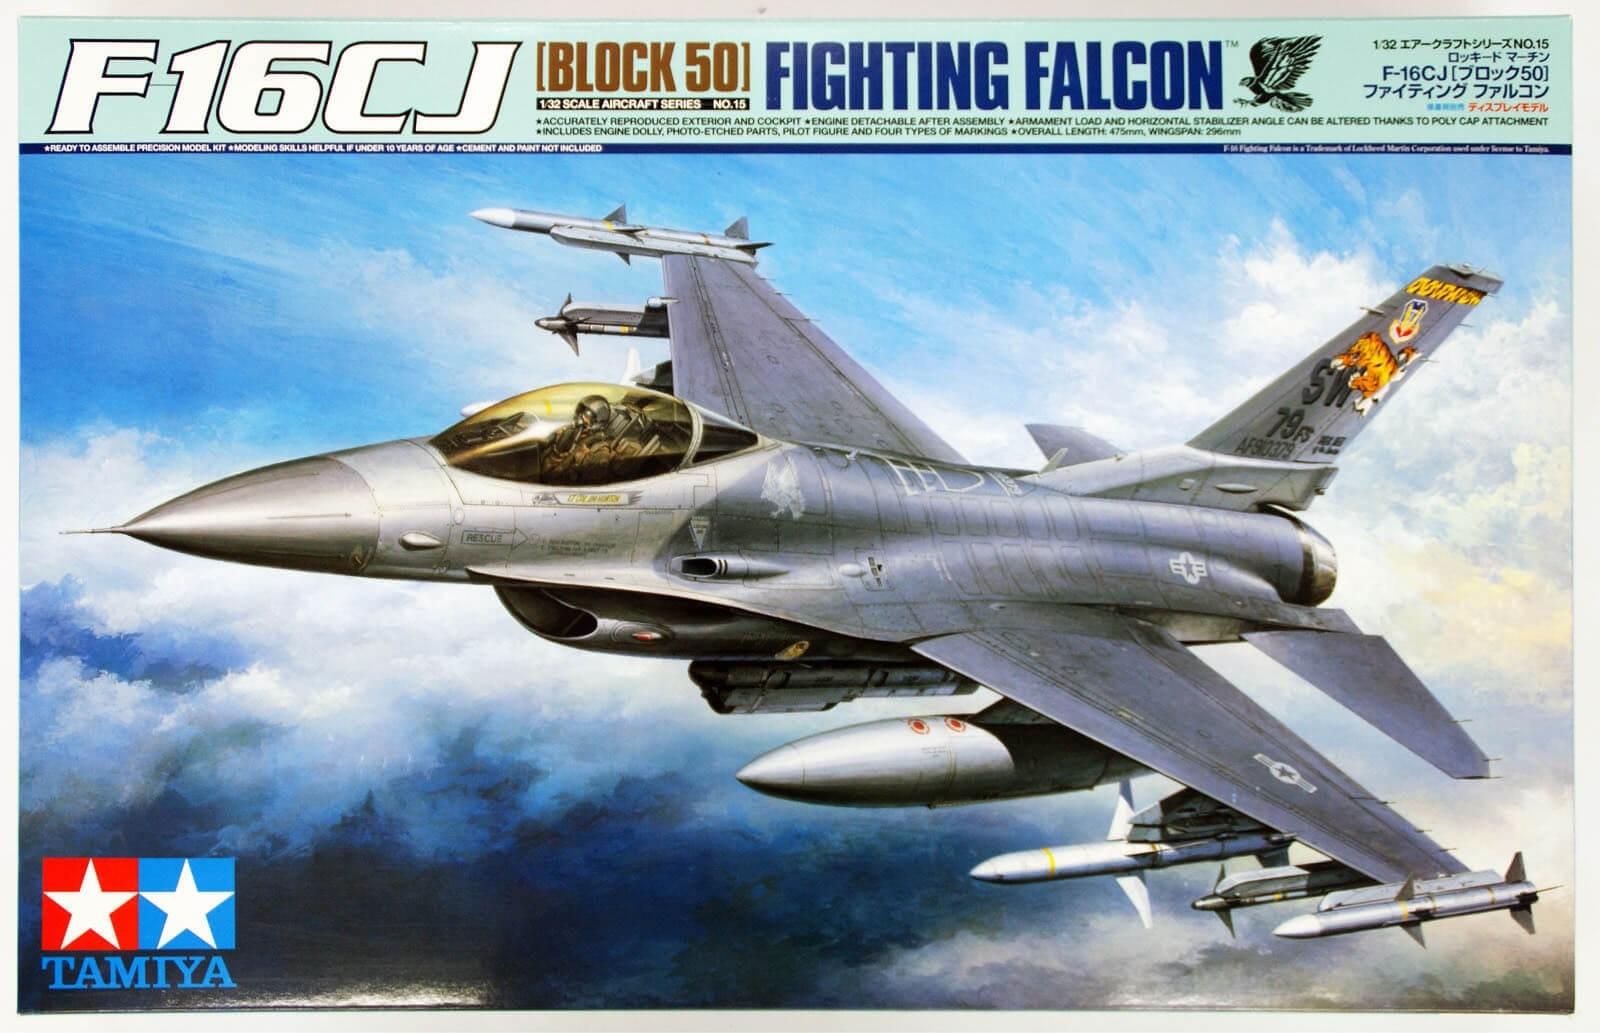 Tamiya 1/32 F-16CJ Fighting Falcon Plastic Model Kit 60315